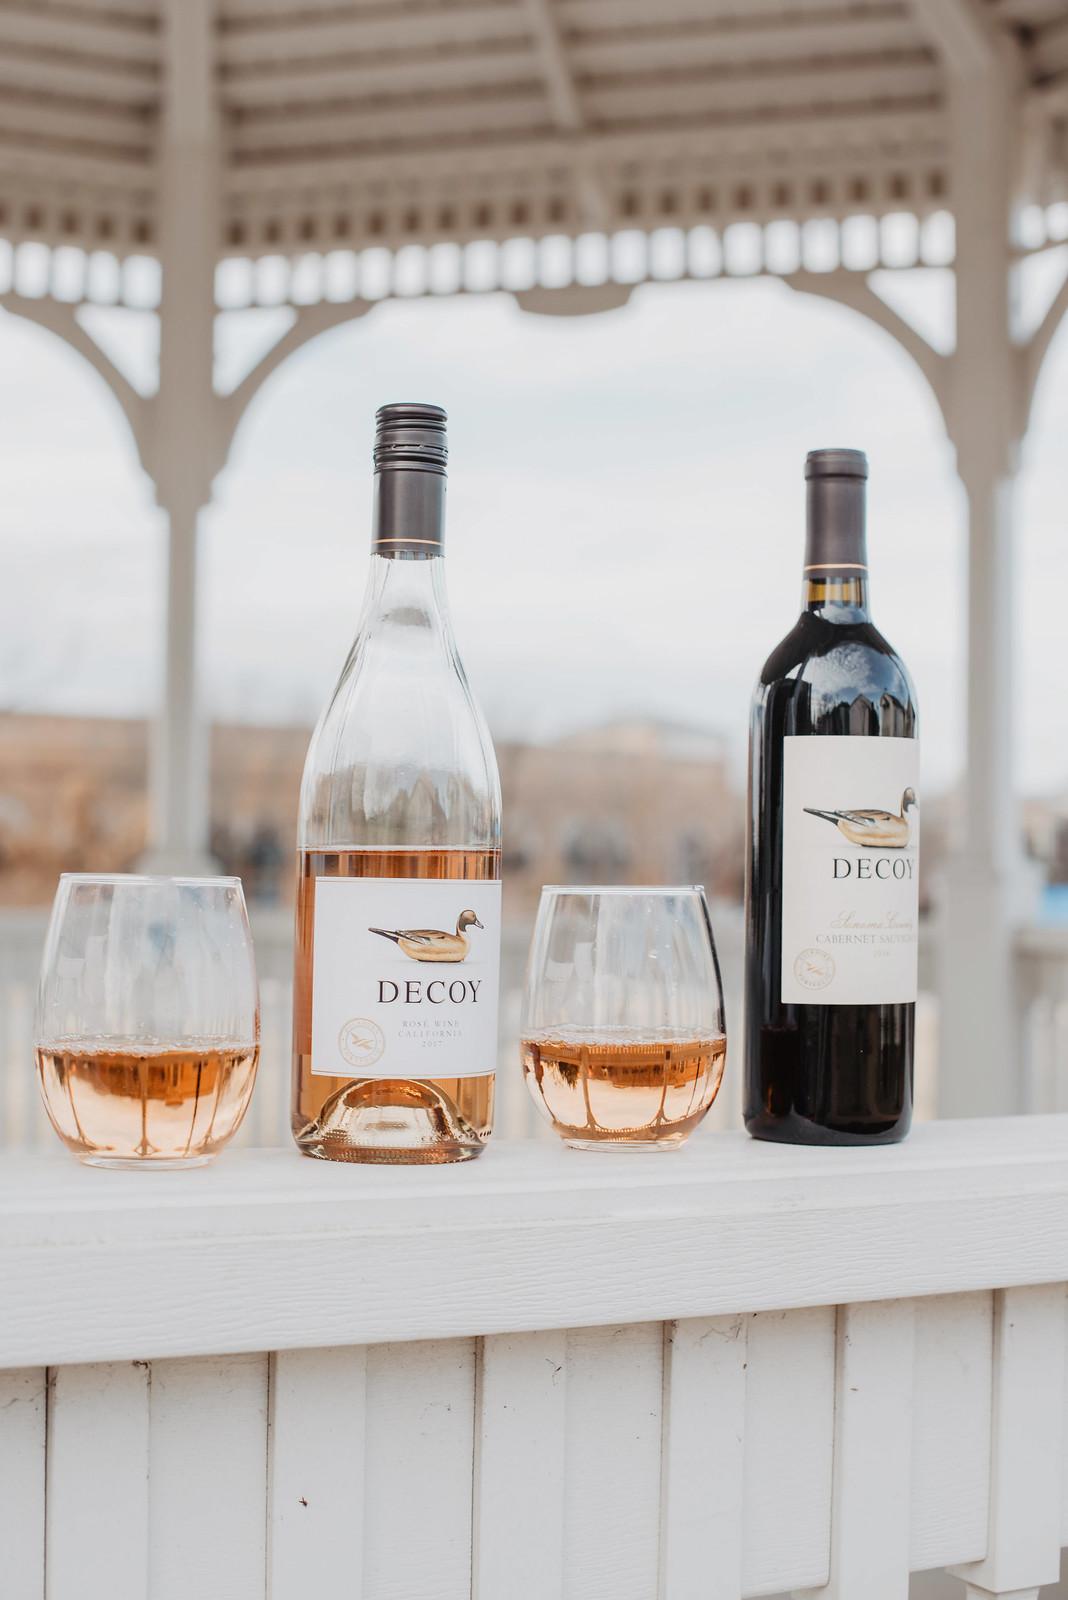 decoy rose wine California